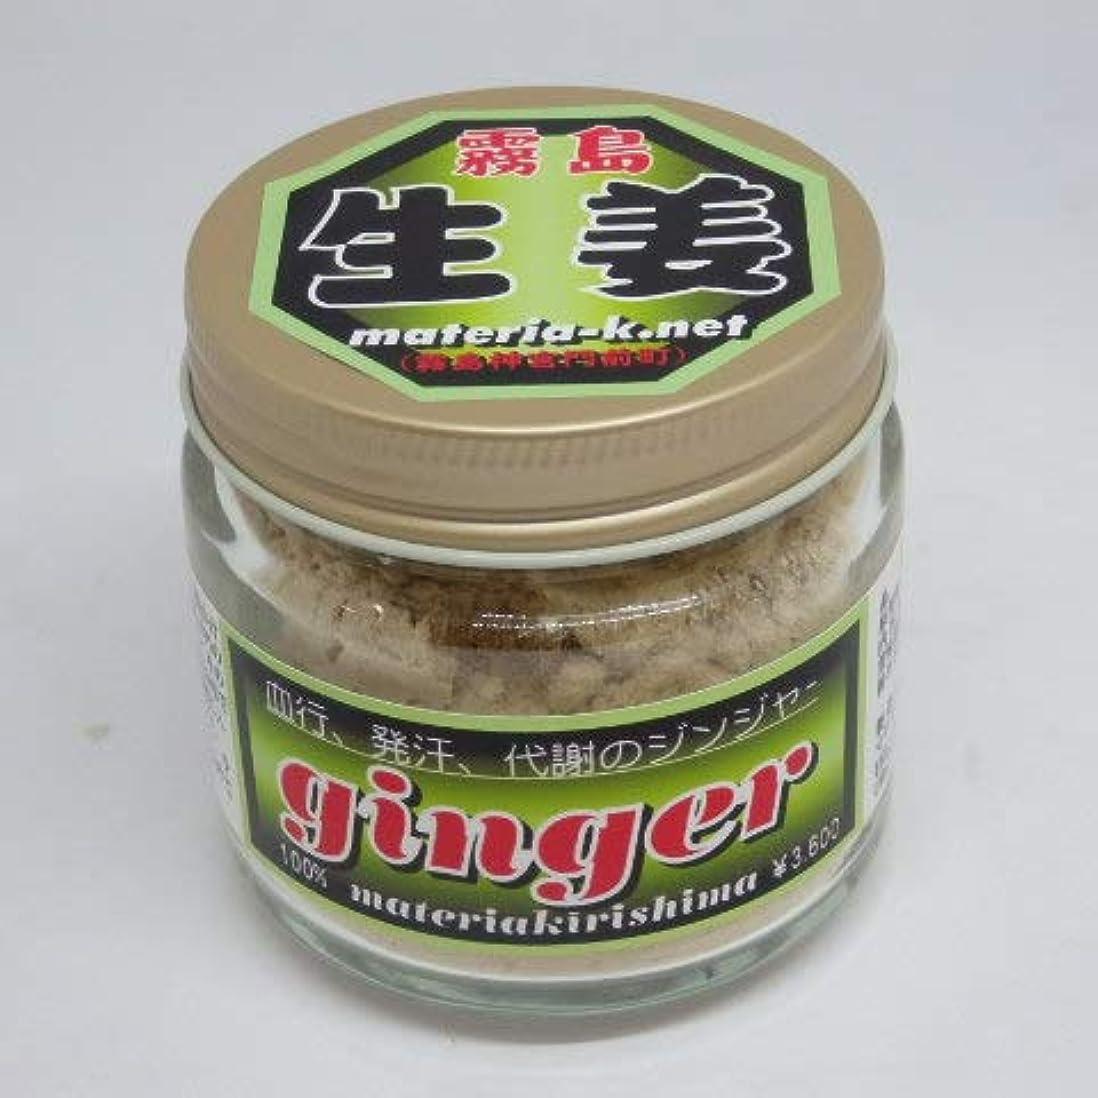 残酷わかりやすいホース無添加健康食品/霧島濃縮ジンジャ- 粉末60g×3組6ケ月分¥10,800